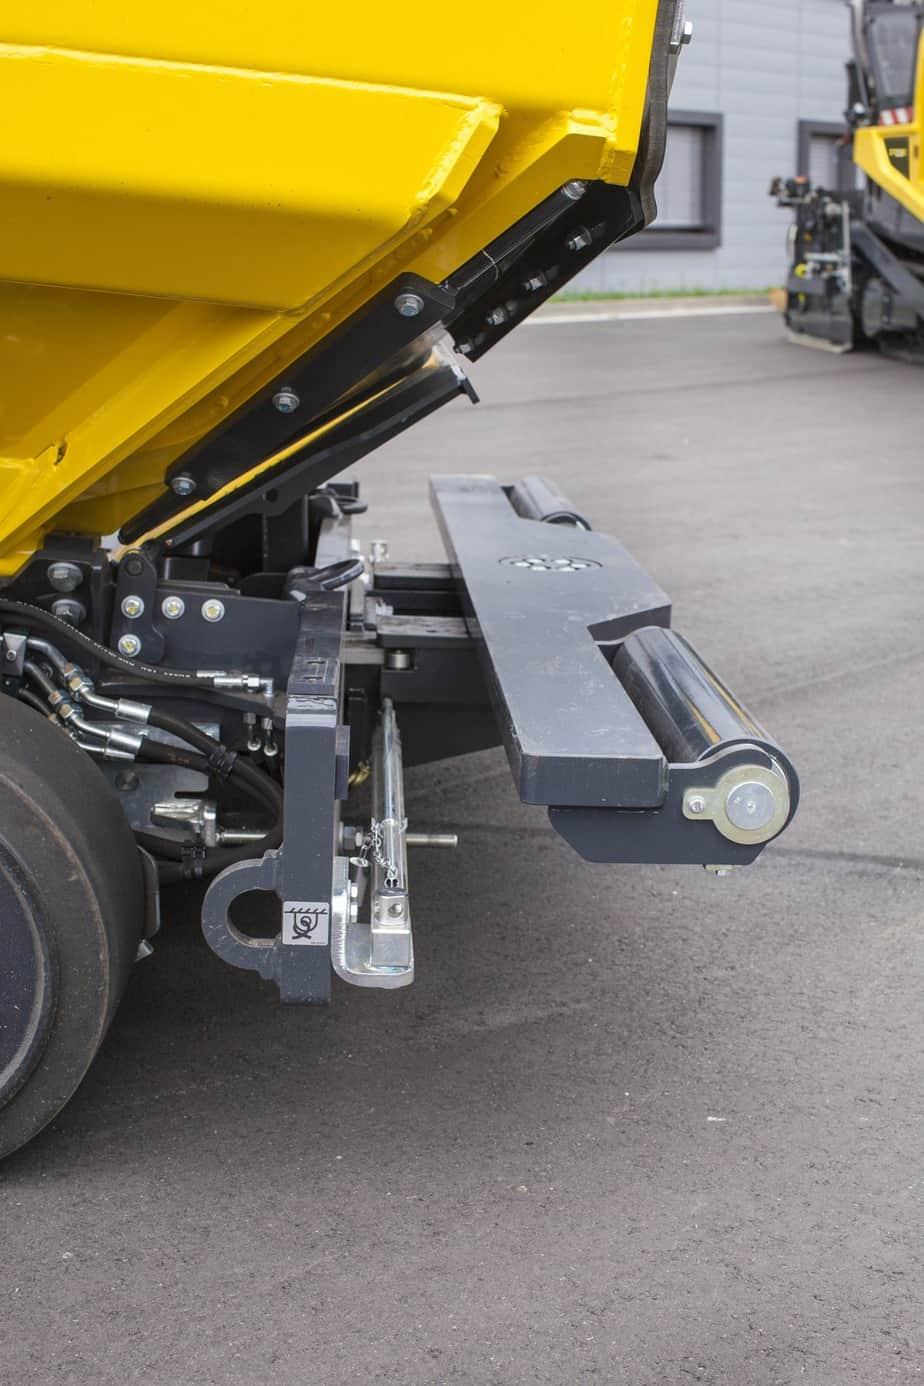 I rulli di spinta sono regolabili attraverso un sistema idraulico con ammortizzatori